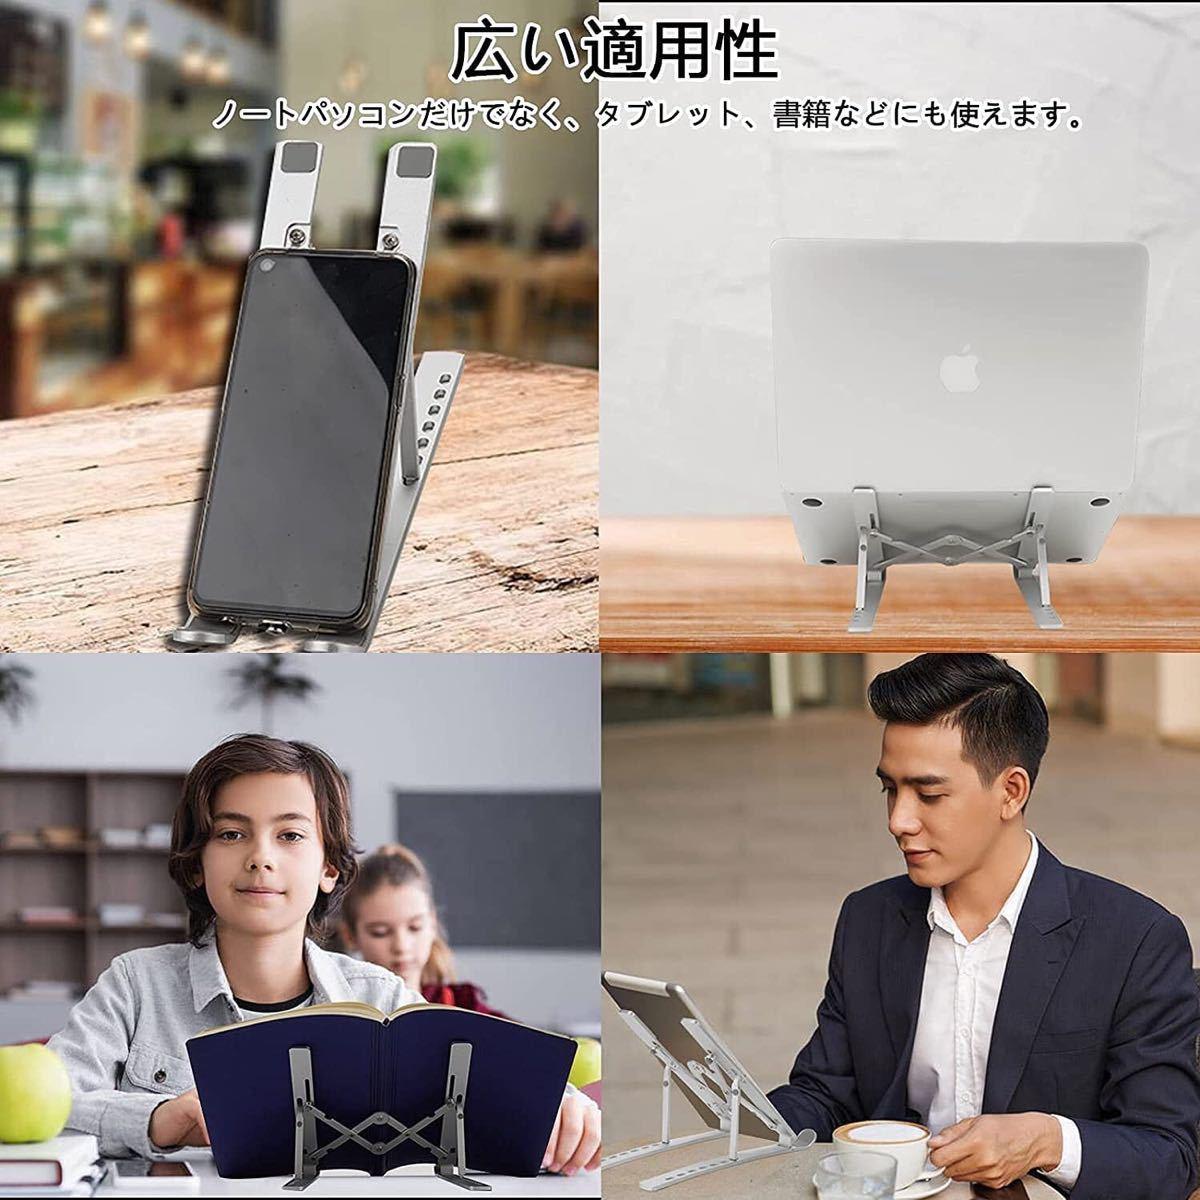 ノートパソコンスタンド PCスタンド 折りたたみ式 タブレットスタンド 調整可能 タブレット フォロー1000円オフ